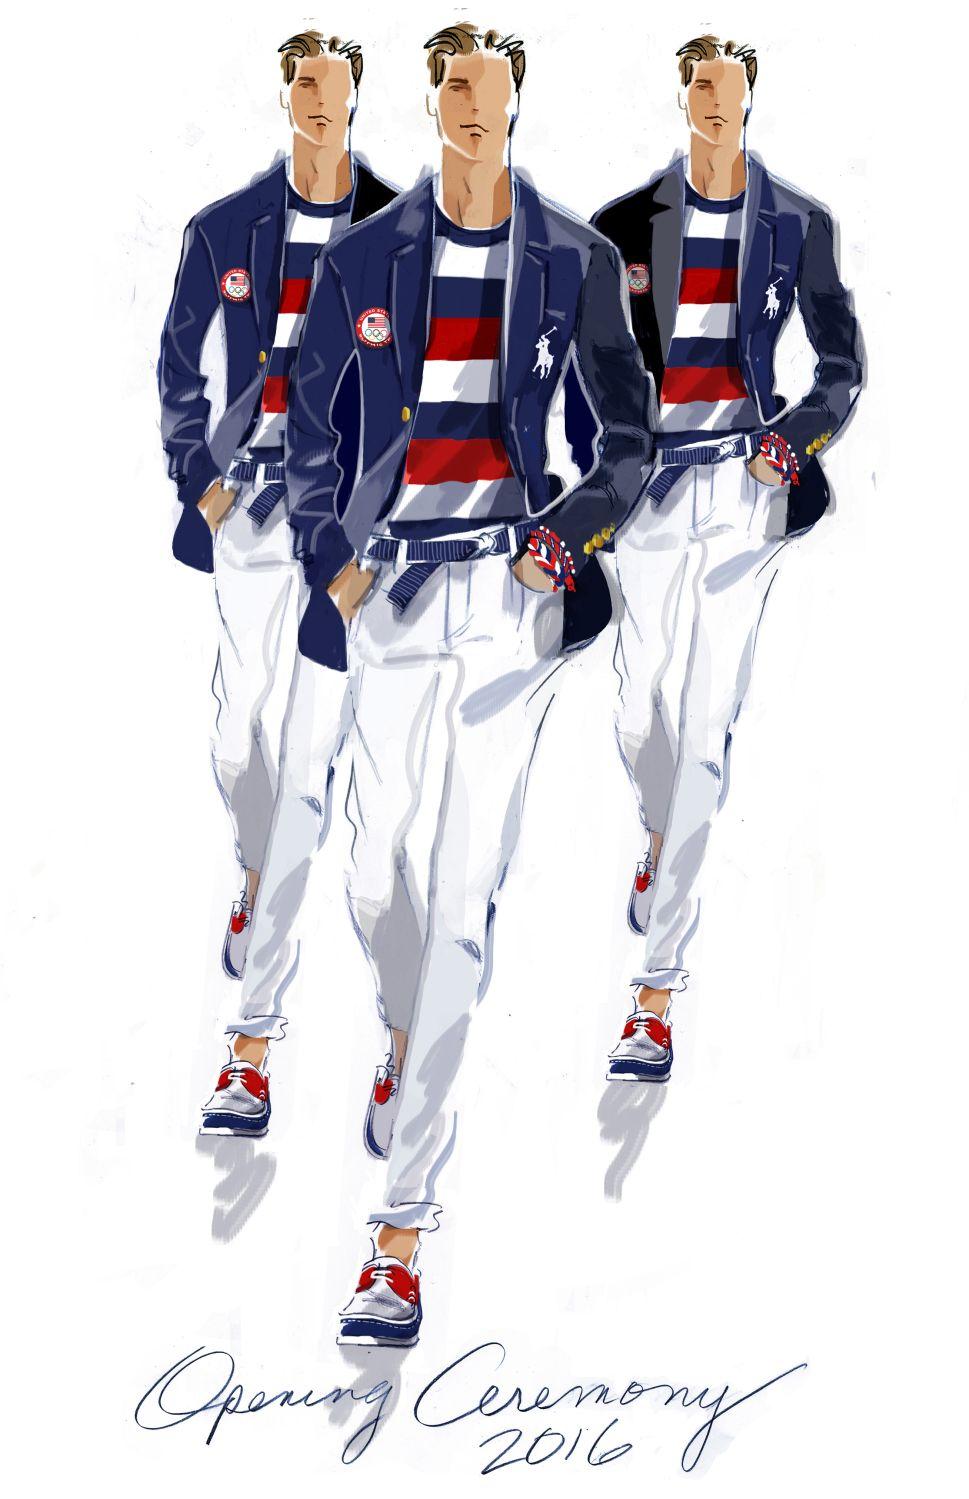 A sketch of the men's uniform